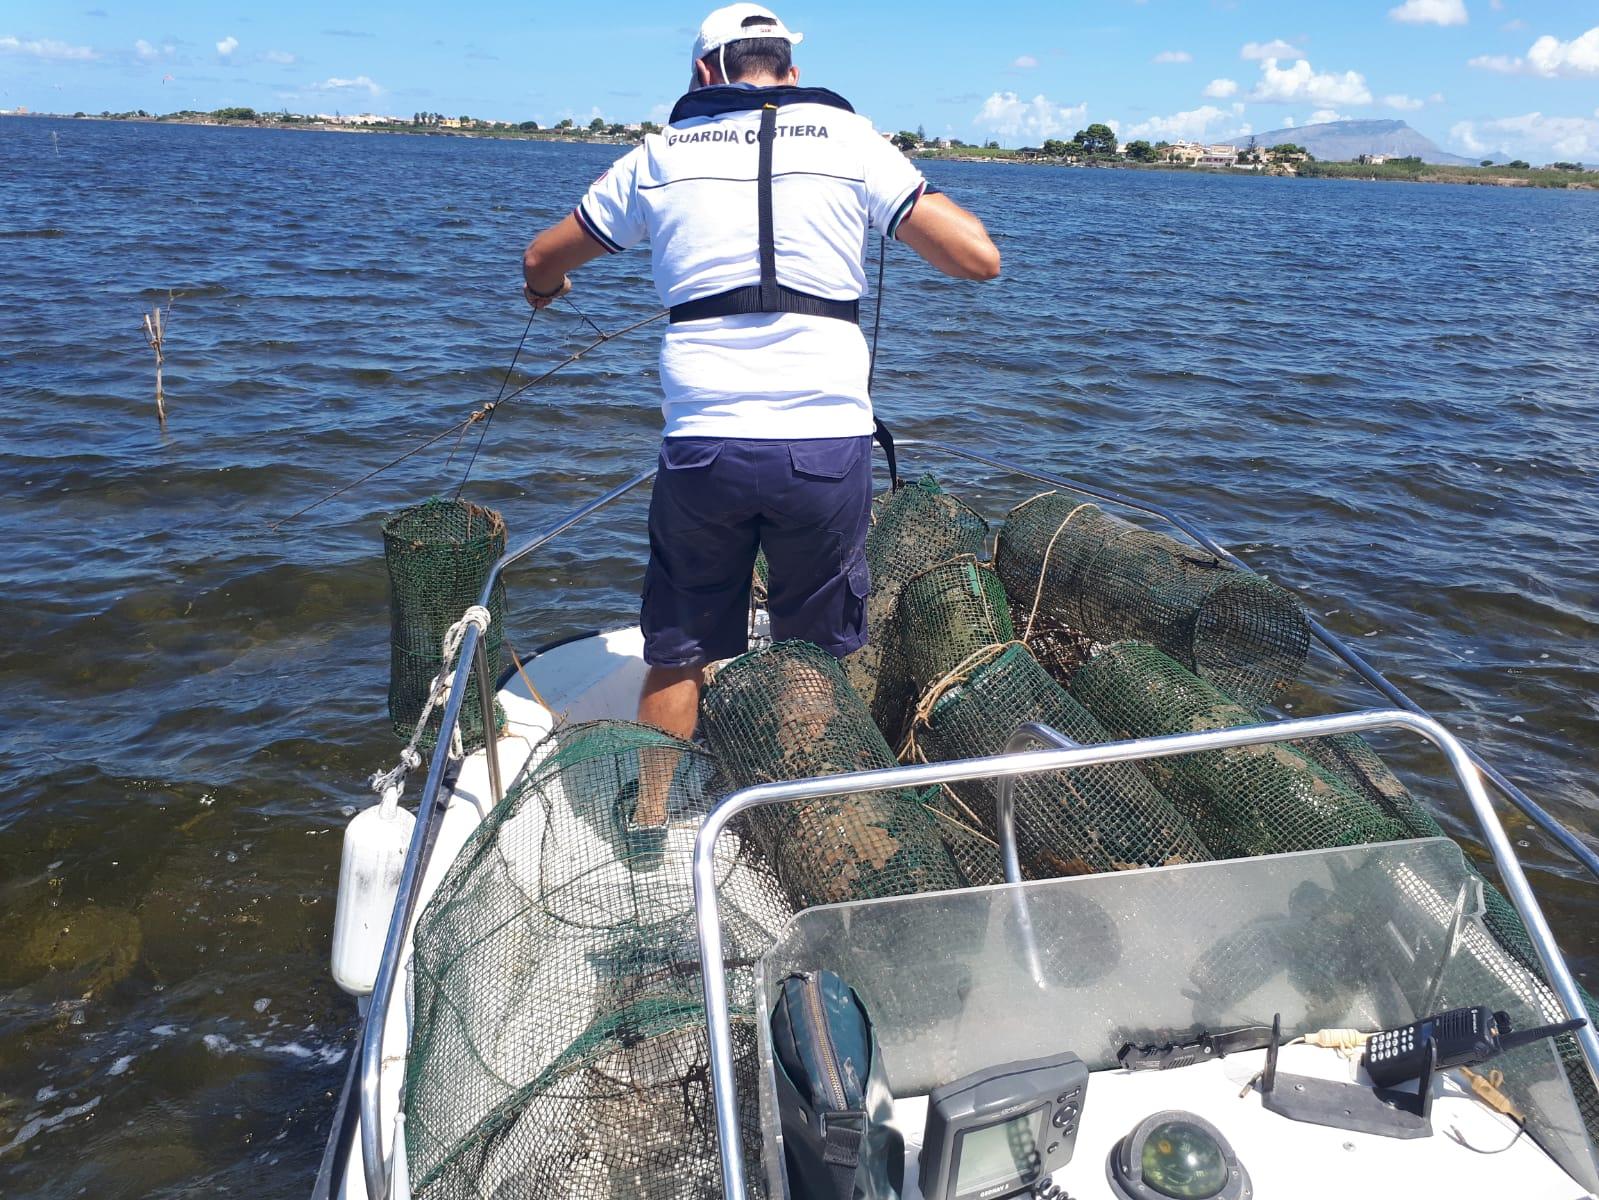 Giro di vite sulla pesca illegale nelle acque dello Stagnone: la Guardia Costiera sequestra 24 nasse